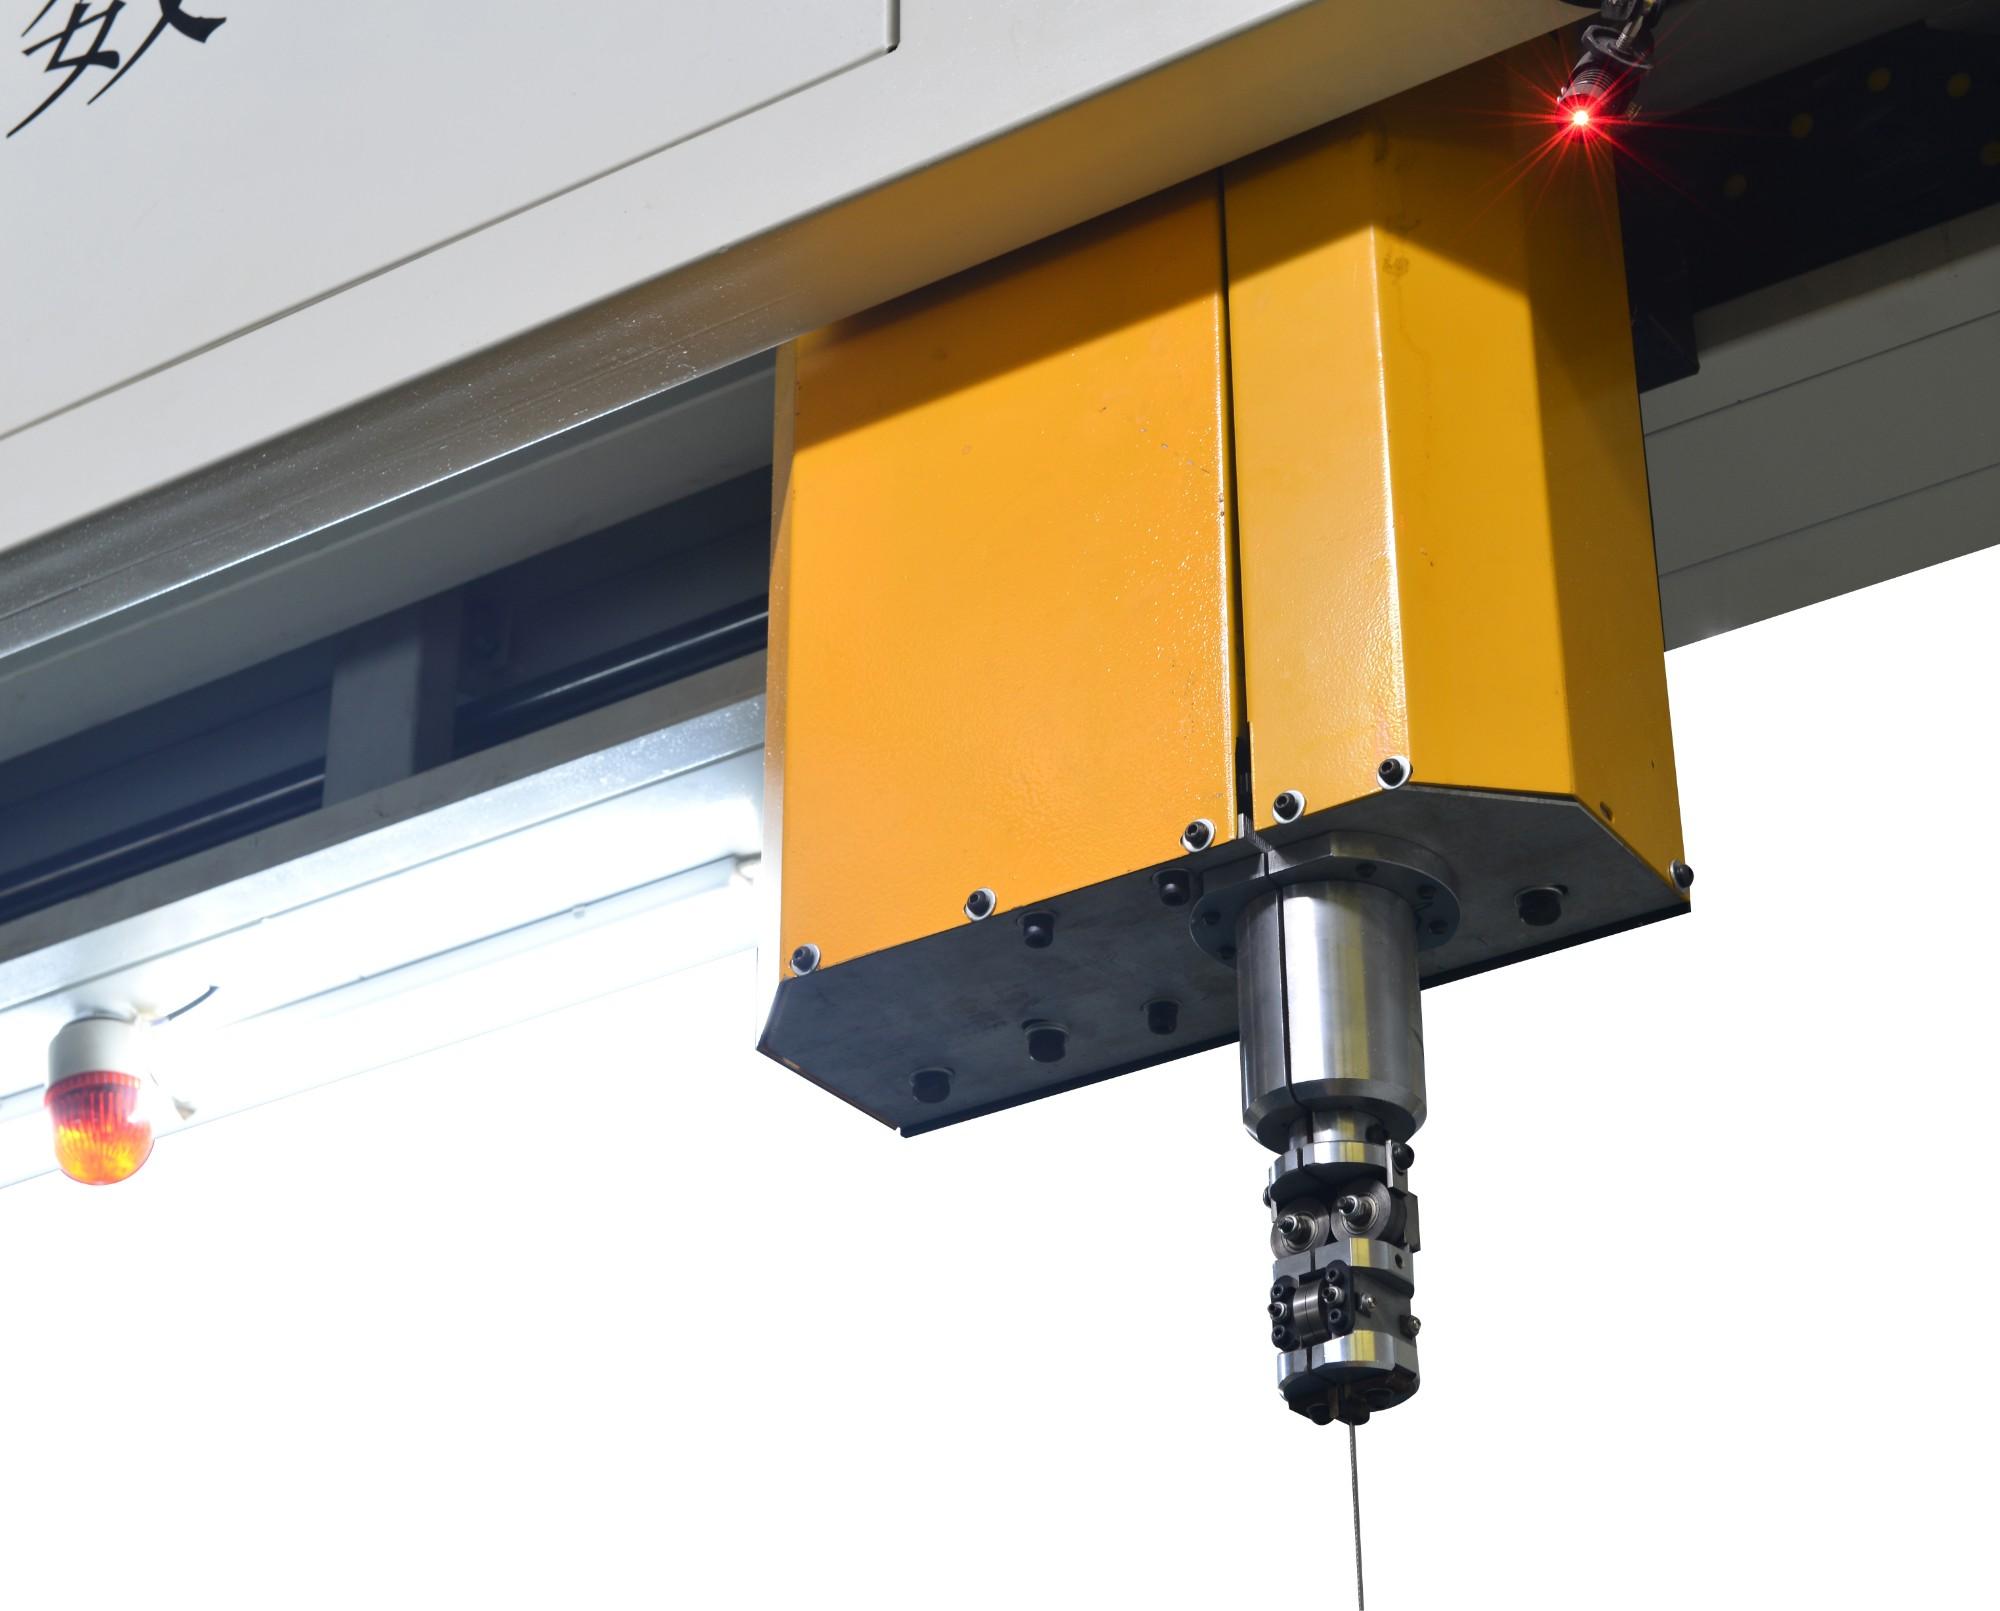 CNC Vertical Revolving Blade Cutting Machine Manufacturers, CNC Vertical Revolving Blade Cutting Machine Factory, Supply CNC Vertical Revolving Blade Cutting Machine